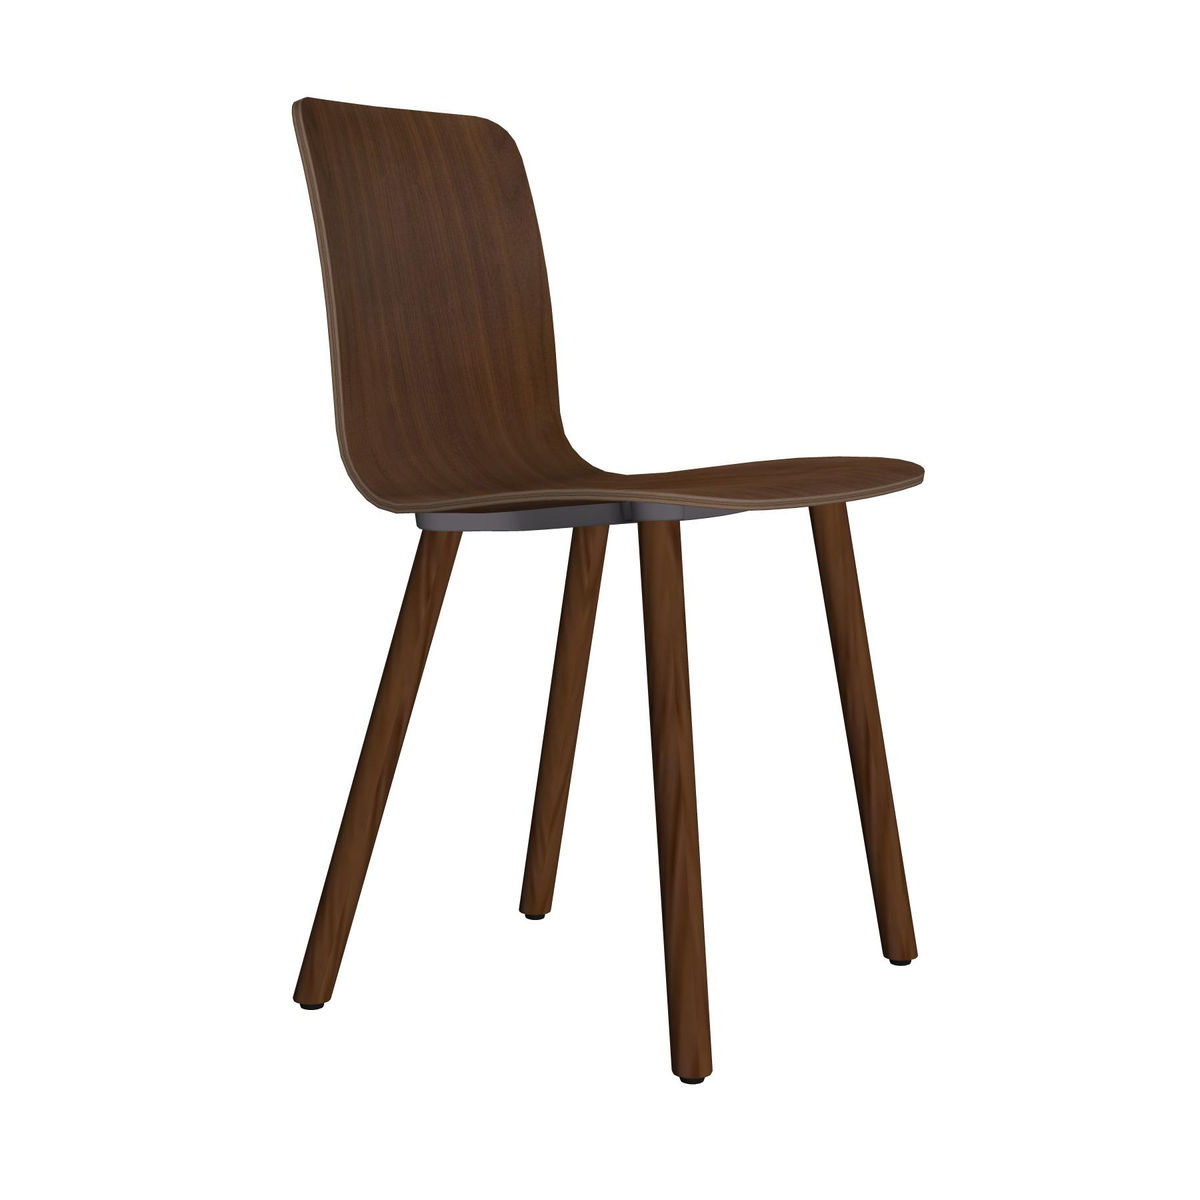 hal ply wood stuhl vitra. Black Bedroom Furniture Sets. Home Design Ideas